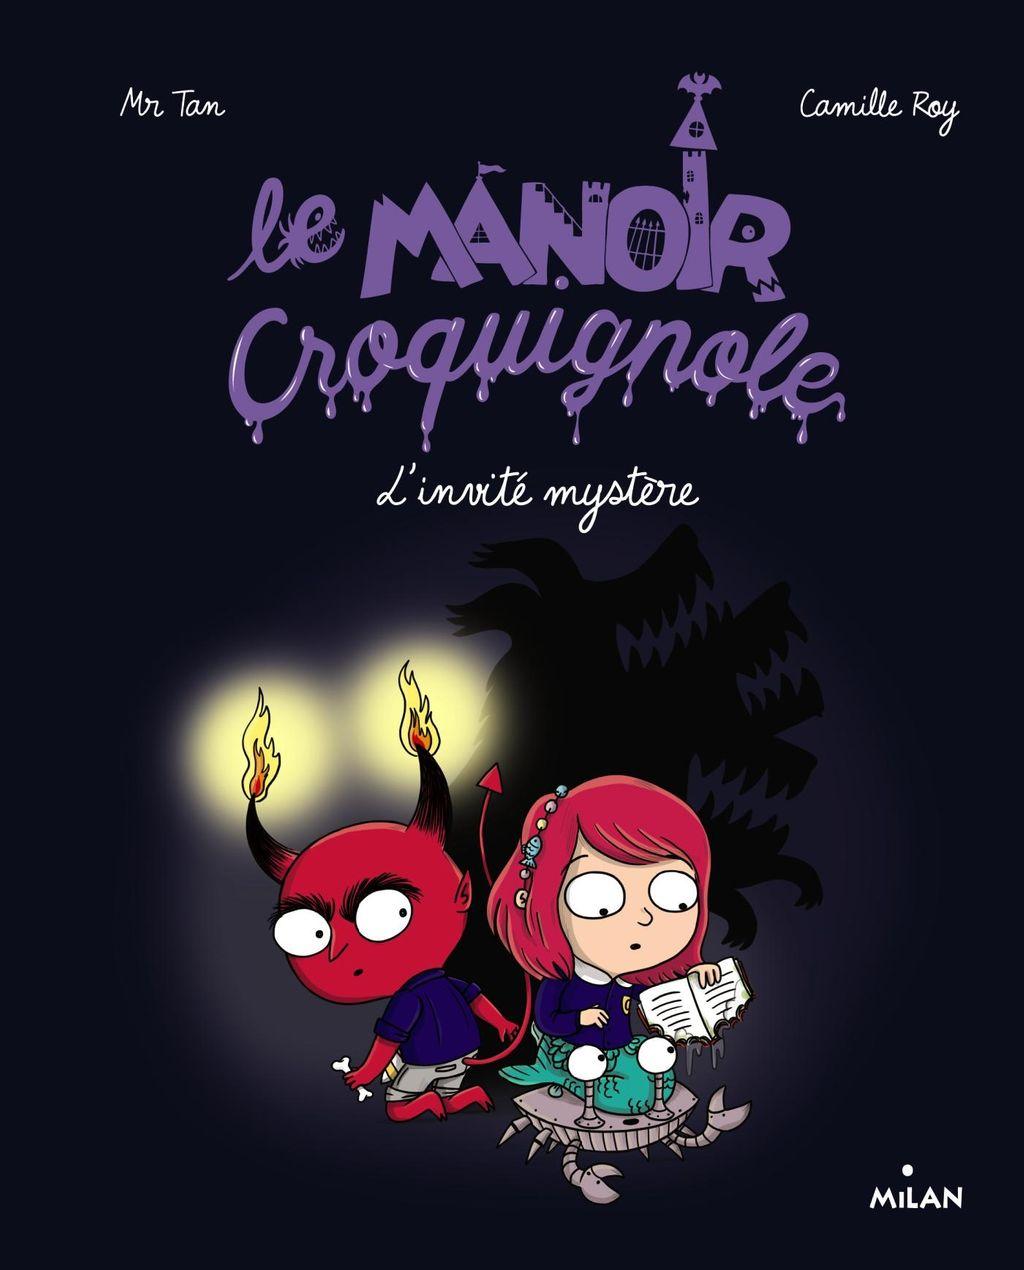 «L'invité mystère» cover